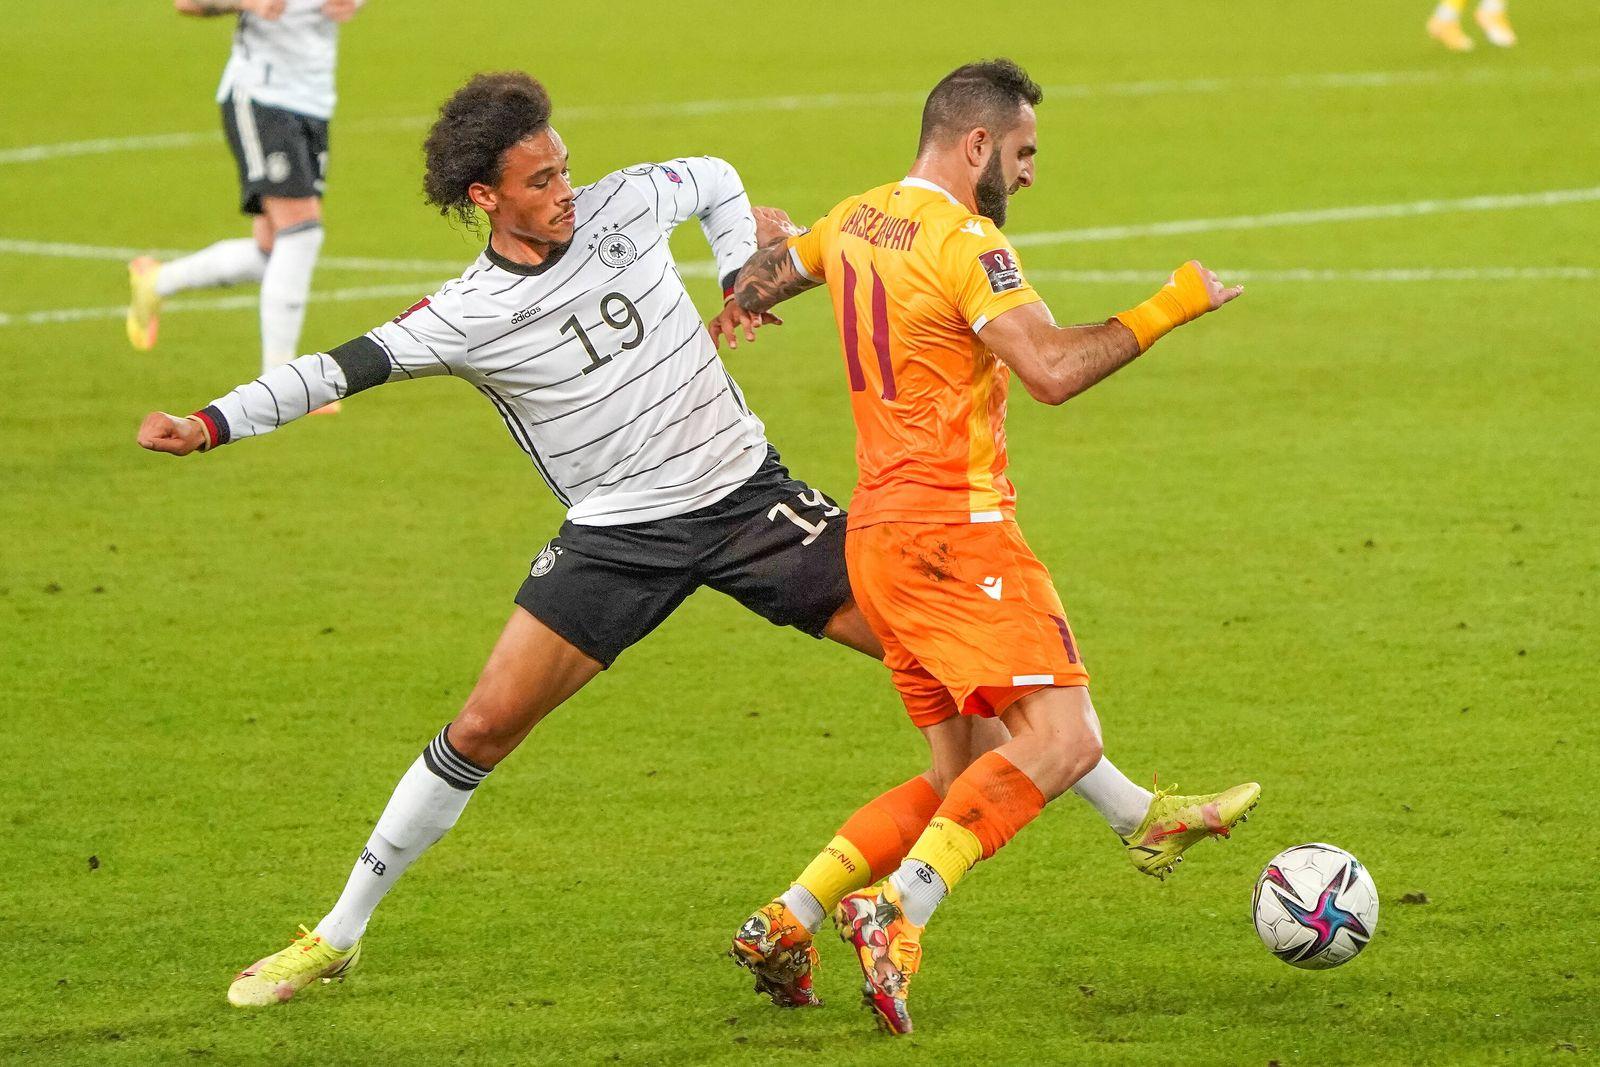 Leroy Sane (Deutschland Germany) gegen Tigran Barseghyan (Armenien) - Stuttgart 05.09.2021: Deutschland vs. Armenien, M